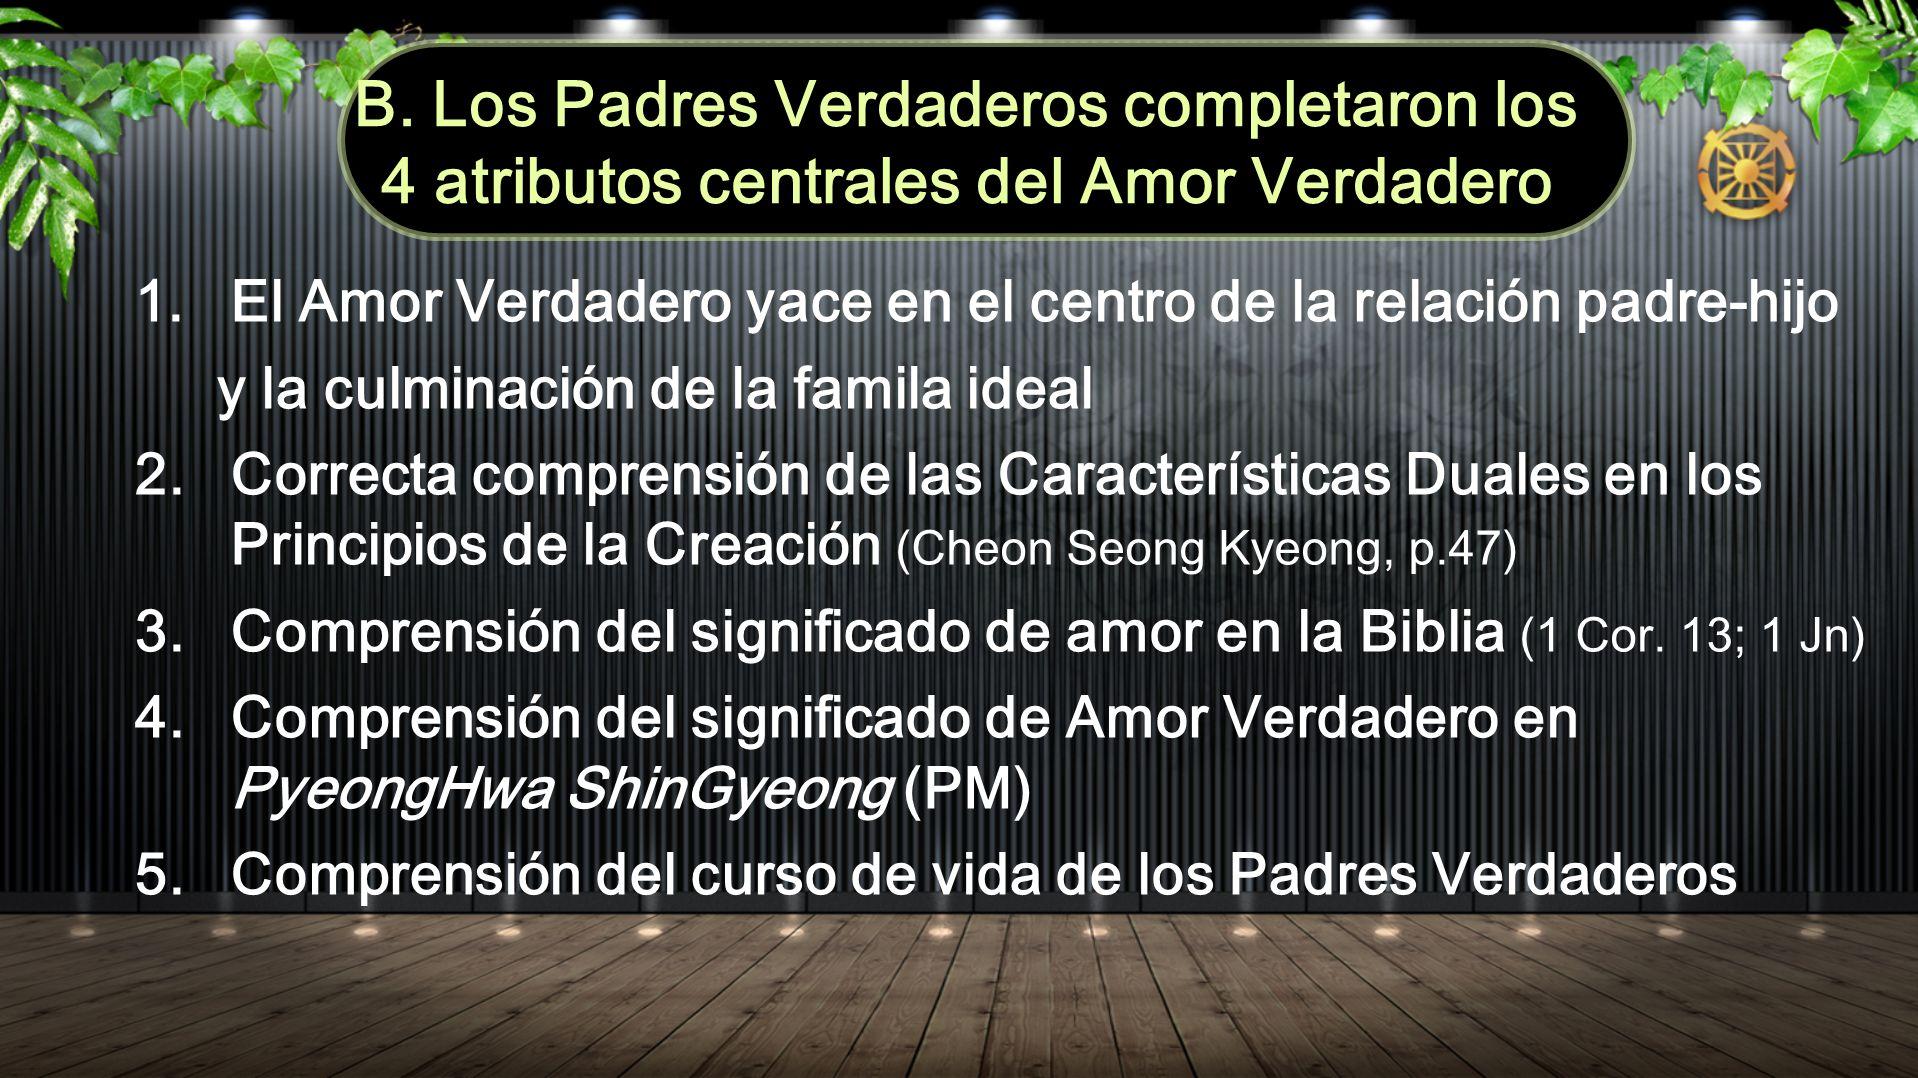 1.El Amor Verdadero yace en el centro de la relación padre-hijo y la culminación de la famila ideal 2.Correcta comprensión de las Características Dual